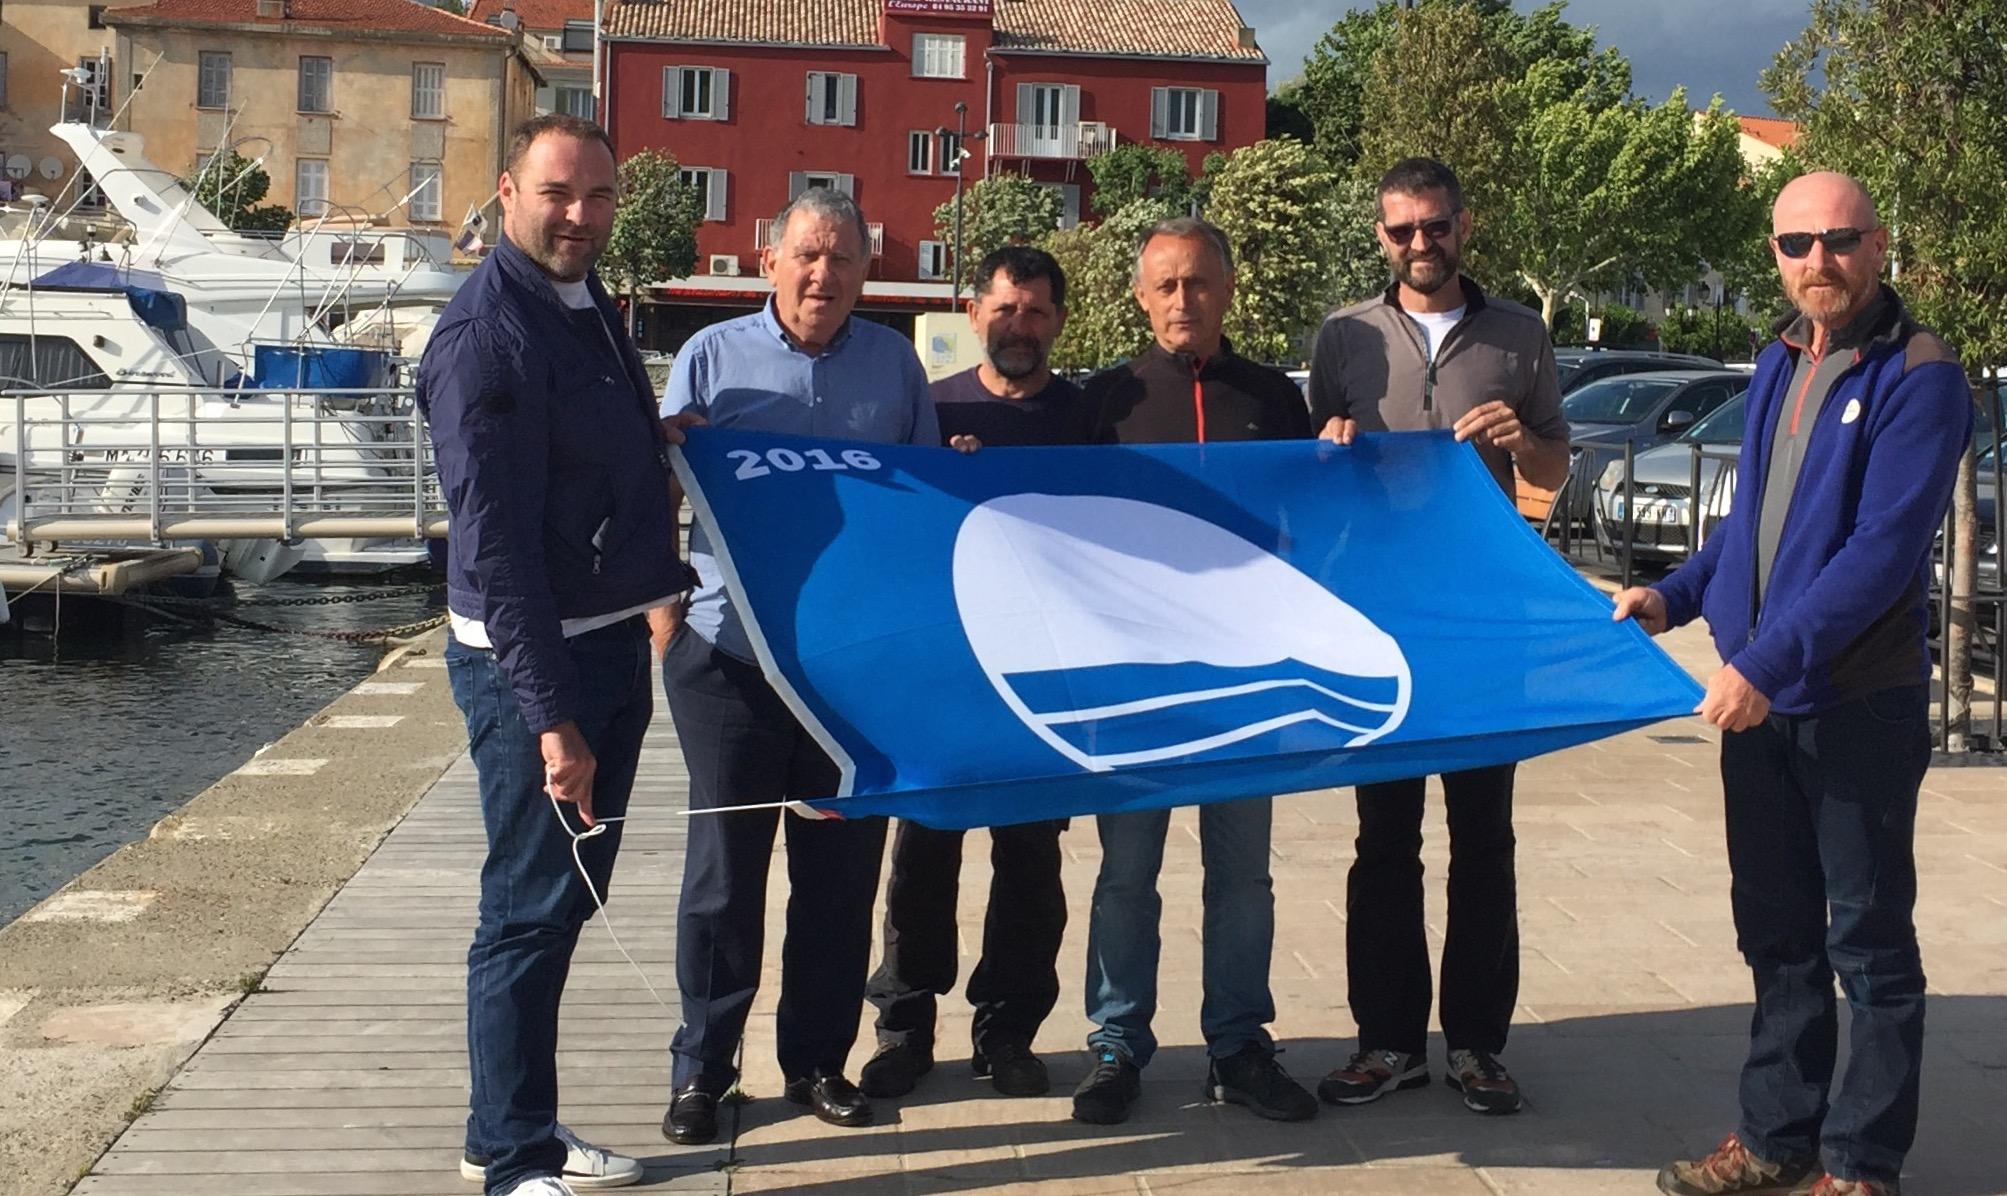 David Donnini, Claudy Olmetta, Eric Ventre, Charles Salotti, Alexandre Tomasini et Jean-Marie Cermolacce. (Photo Dr)